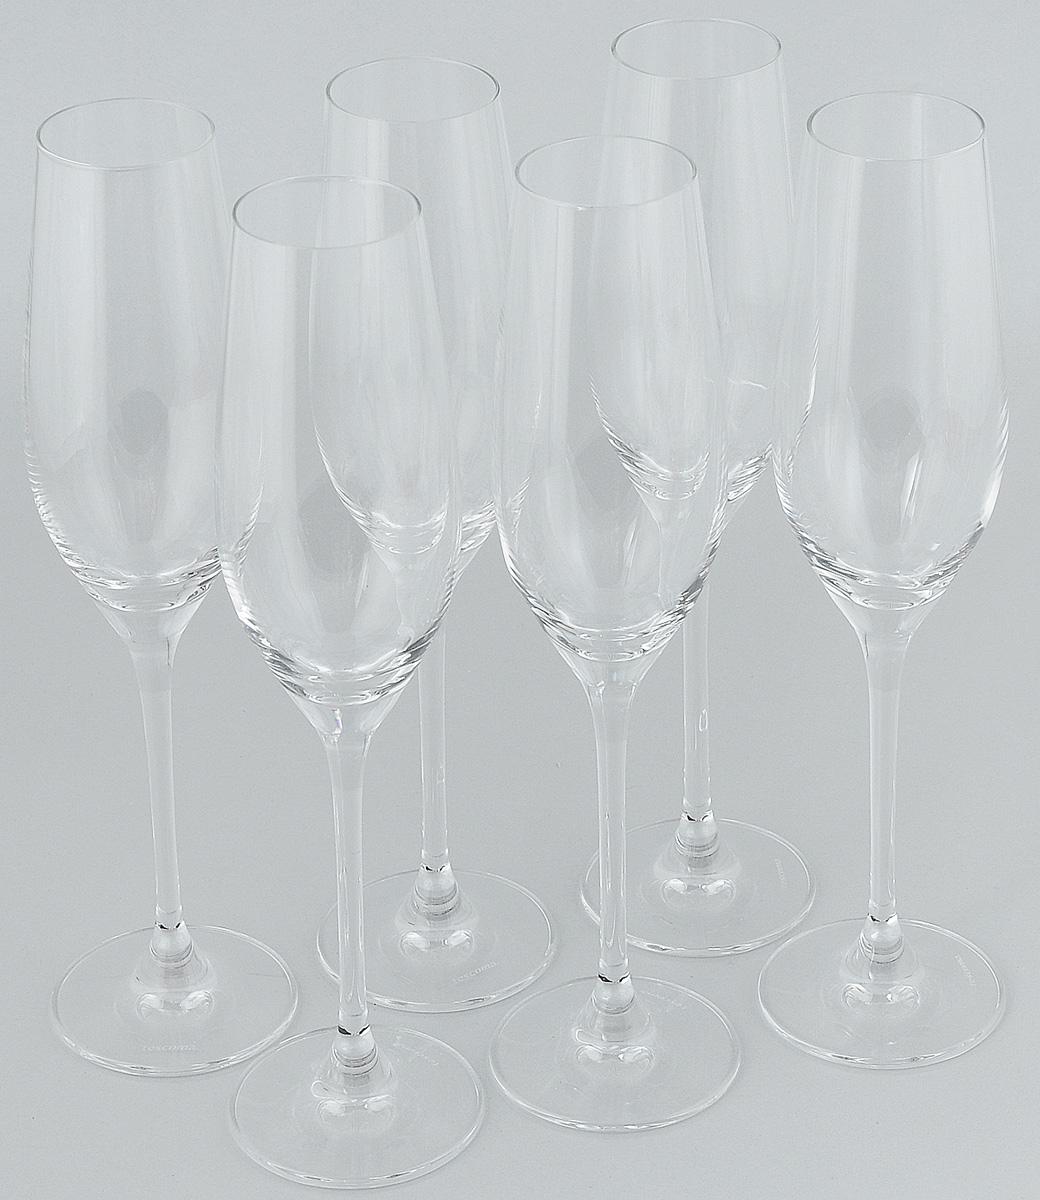 Набор бокалов для шампанского Tescoma Sommelier, 210 мл, 6шт набор бокалов для бренди коралл 40600 q8105 400 анжела